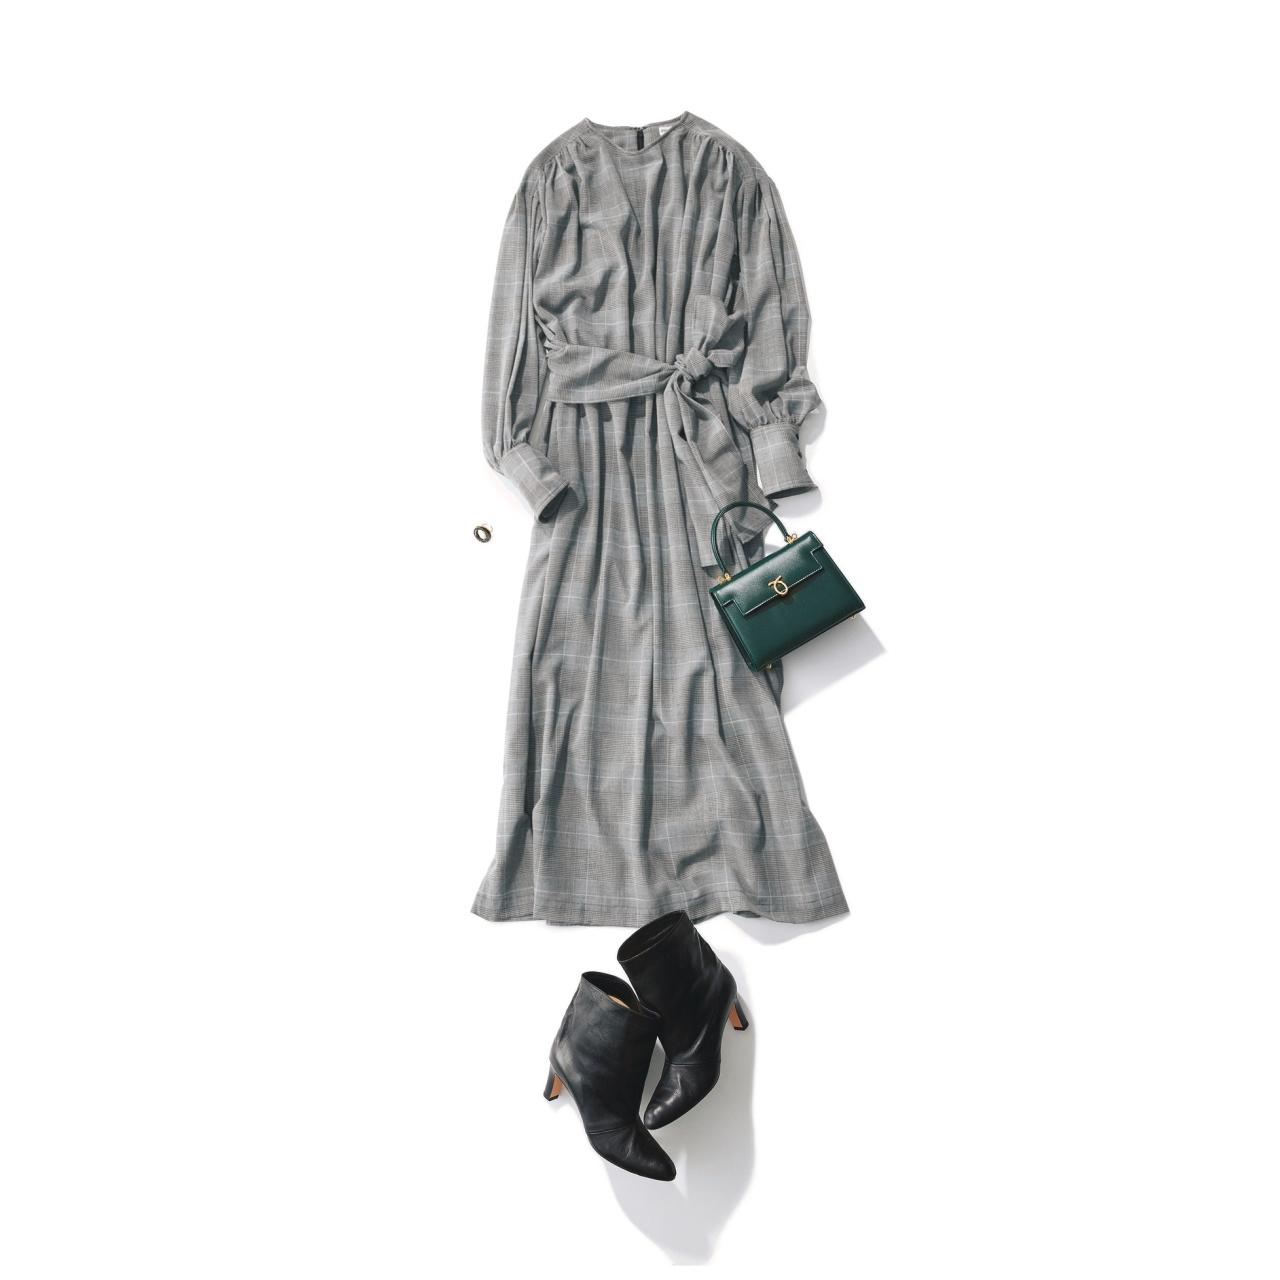 グレンチェック柄のワンピース×黒ブーツのファッションコーデ